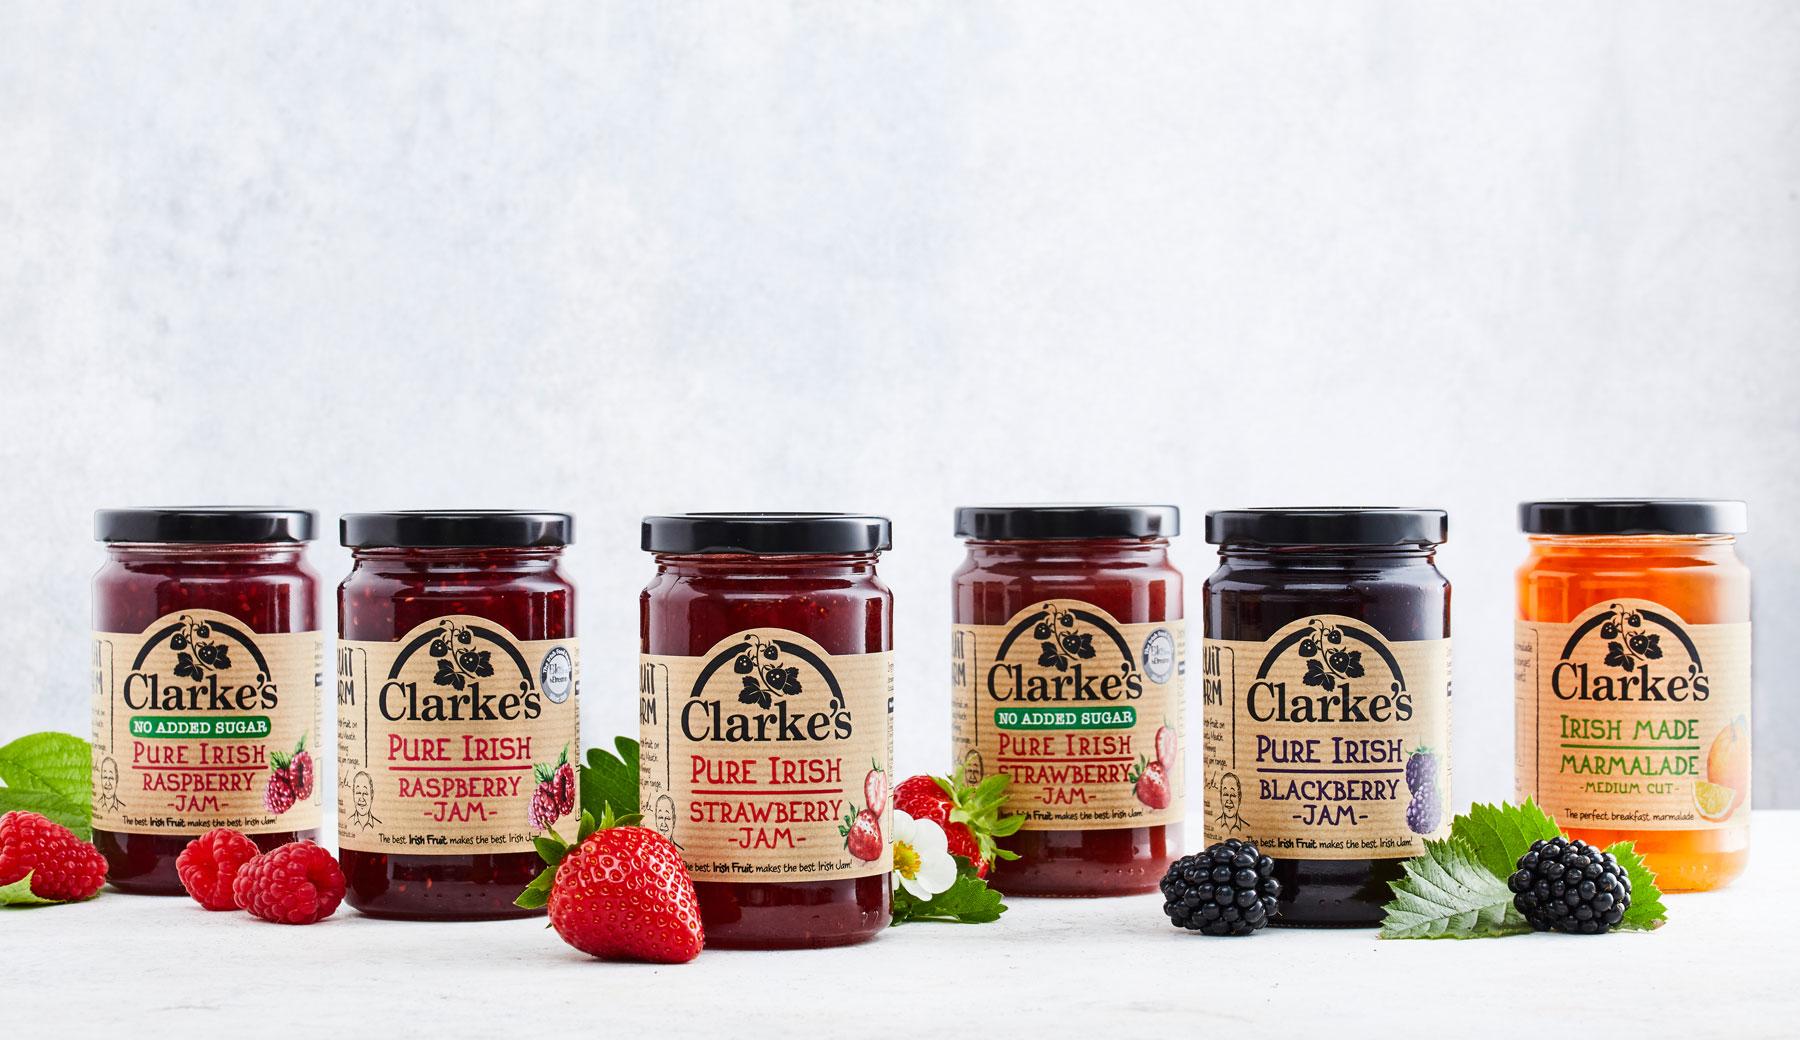 Clarke's Fresh Fruit Jams Range Produce